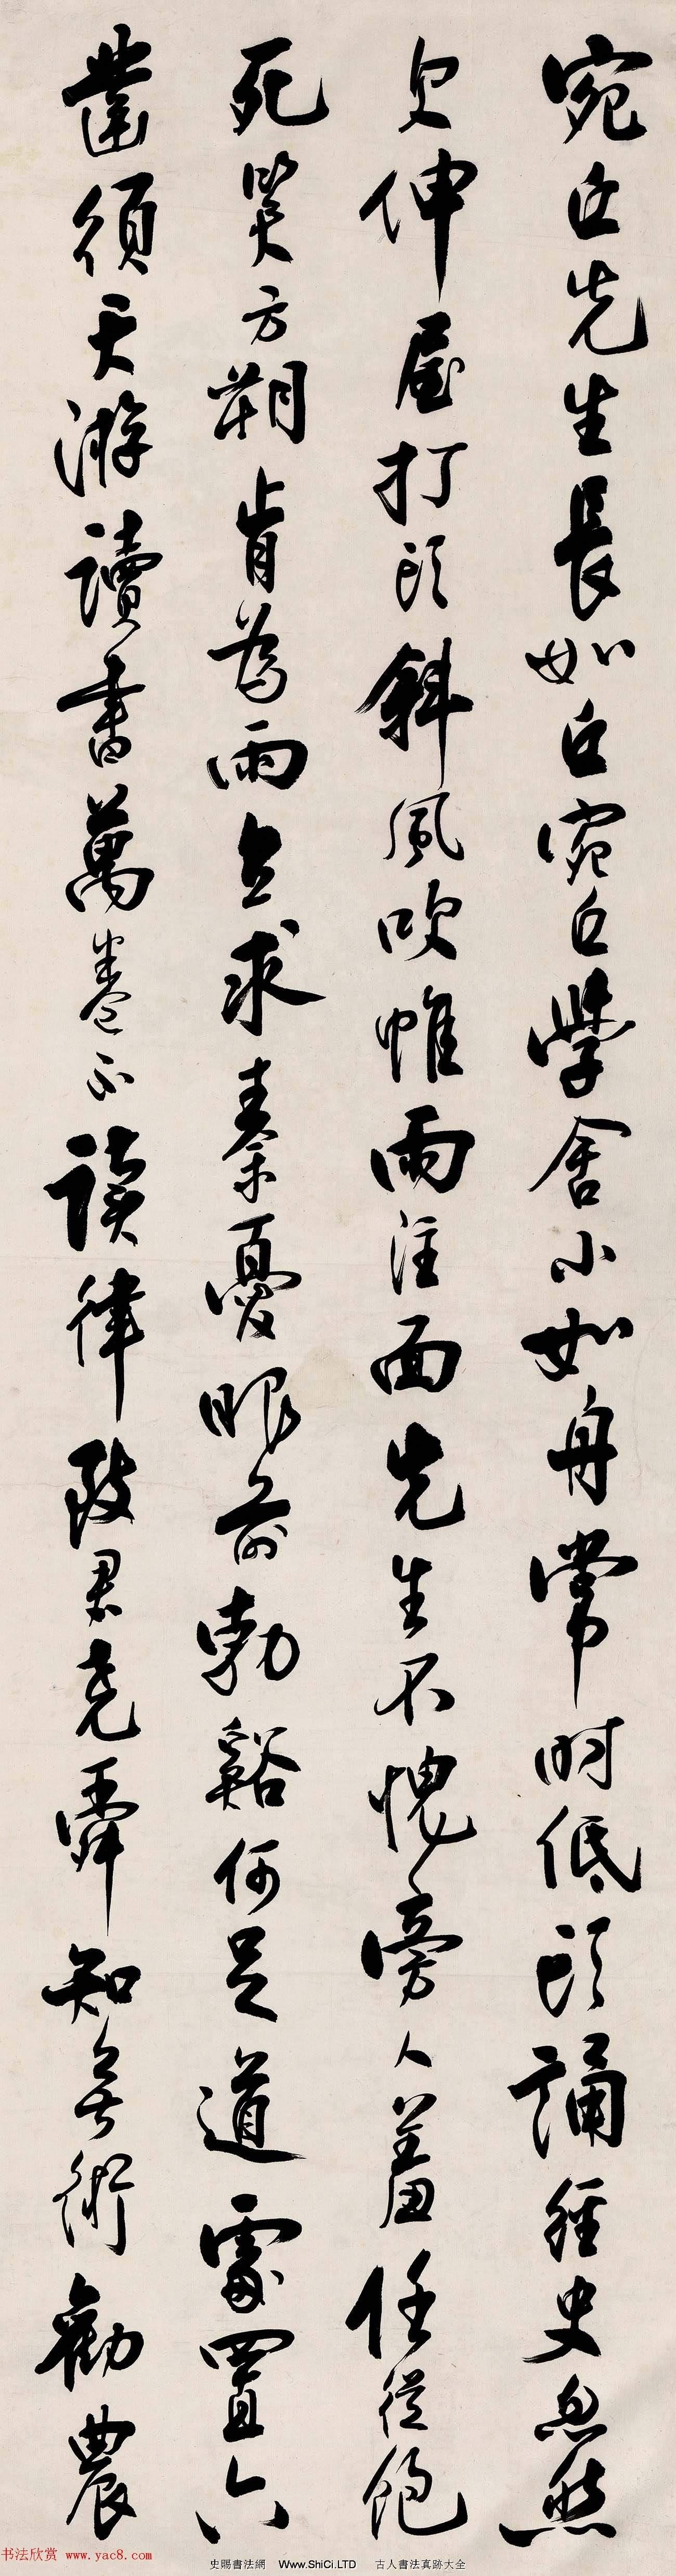 沈尹默書法四條屏字帖《東坡居士詩》(共4張圖片)